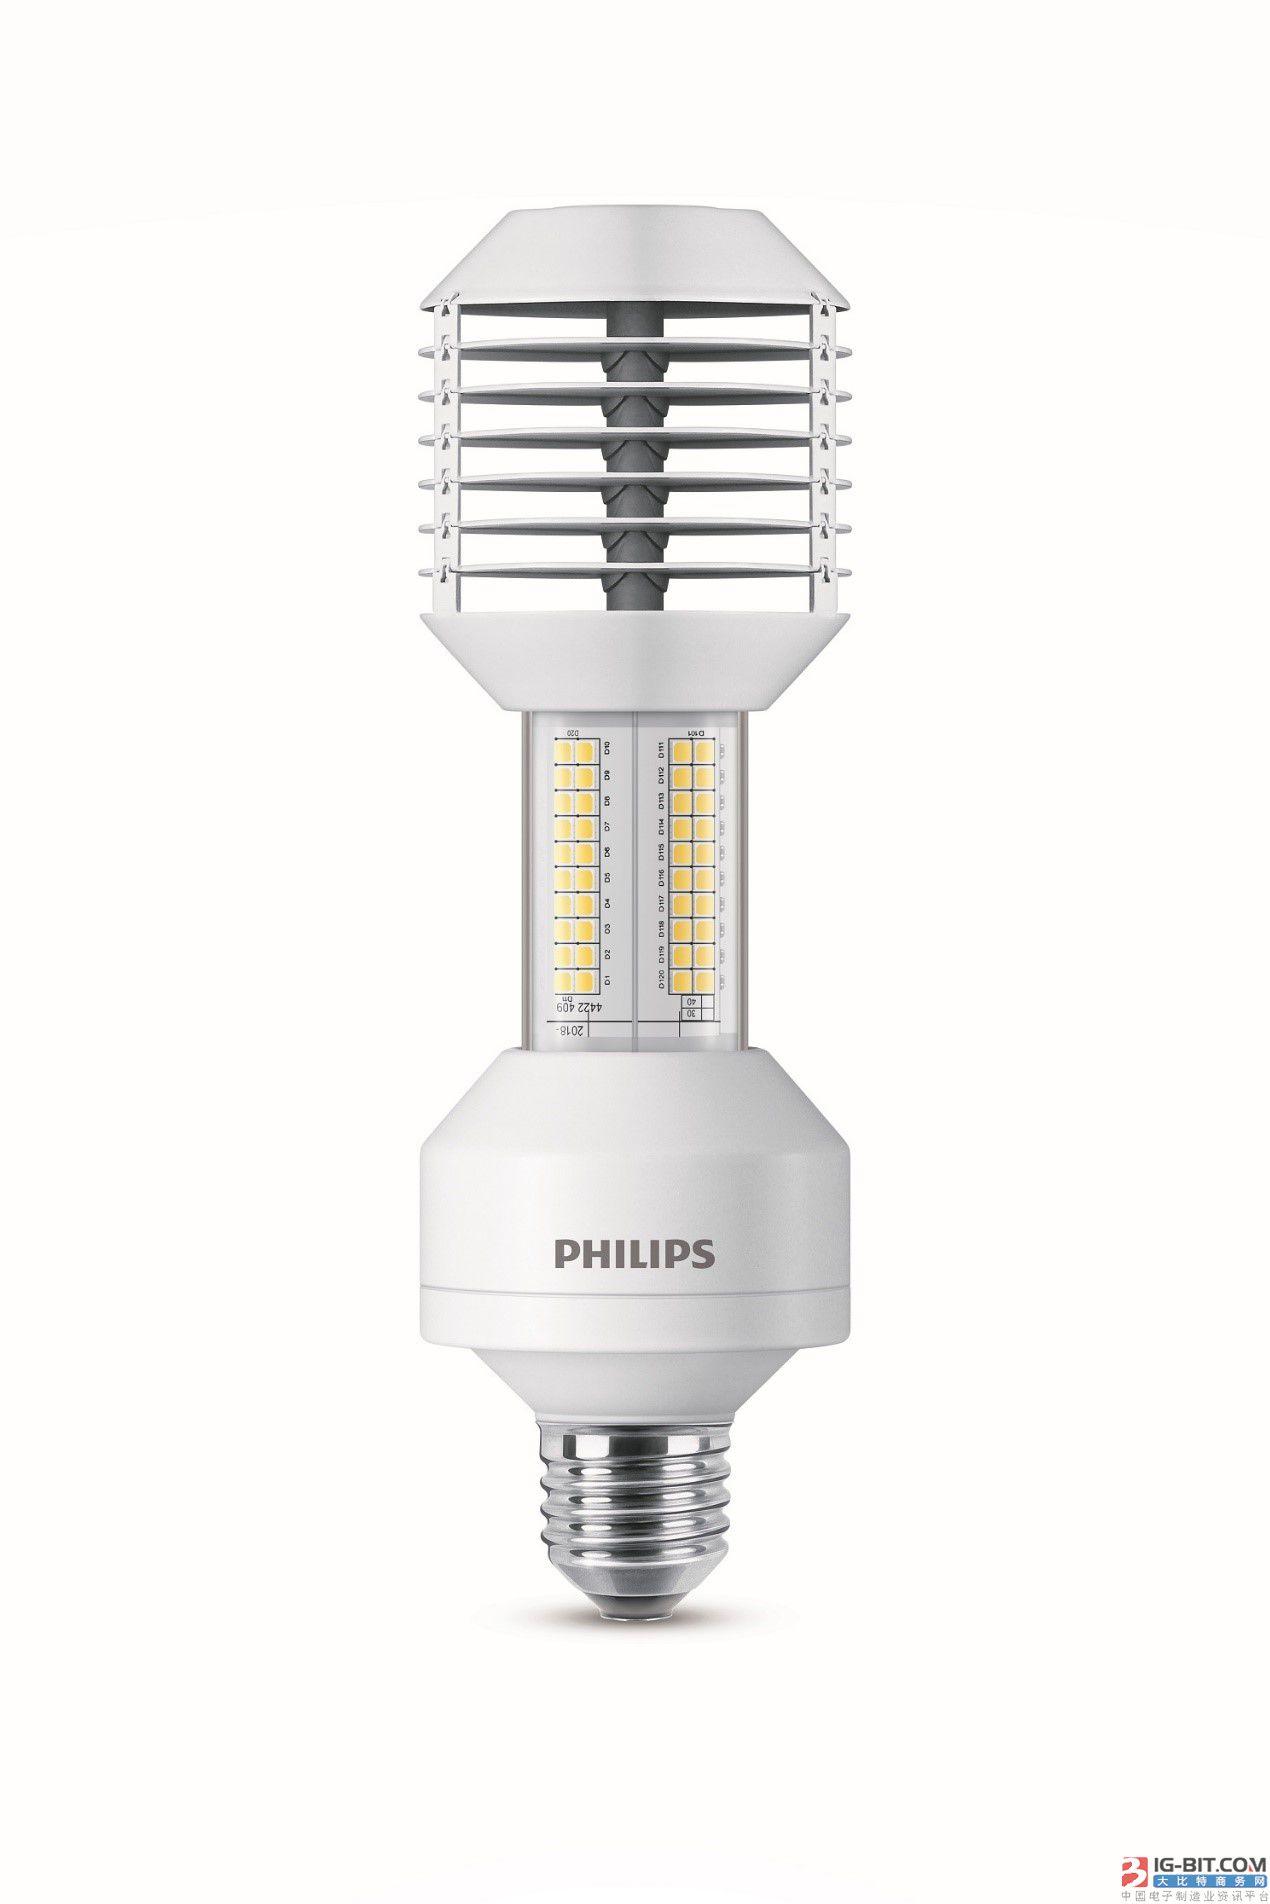 原位替换传统高压钠灯,飞利浦LED路灯抢攻市场